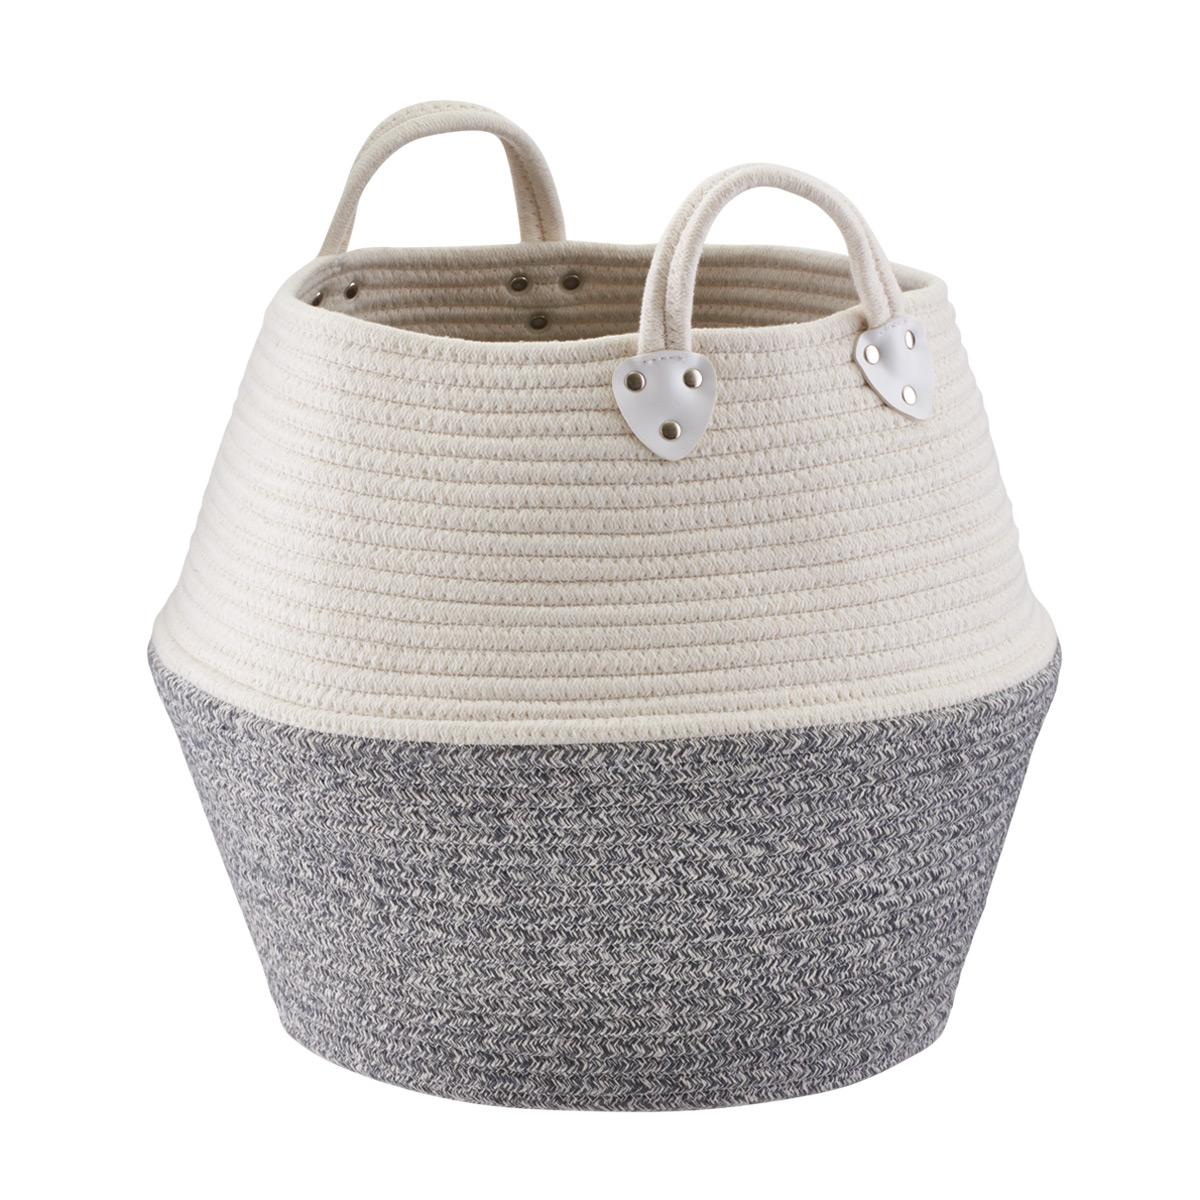 Laguna Cotton Belly Basket